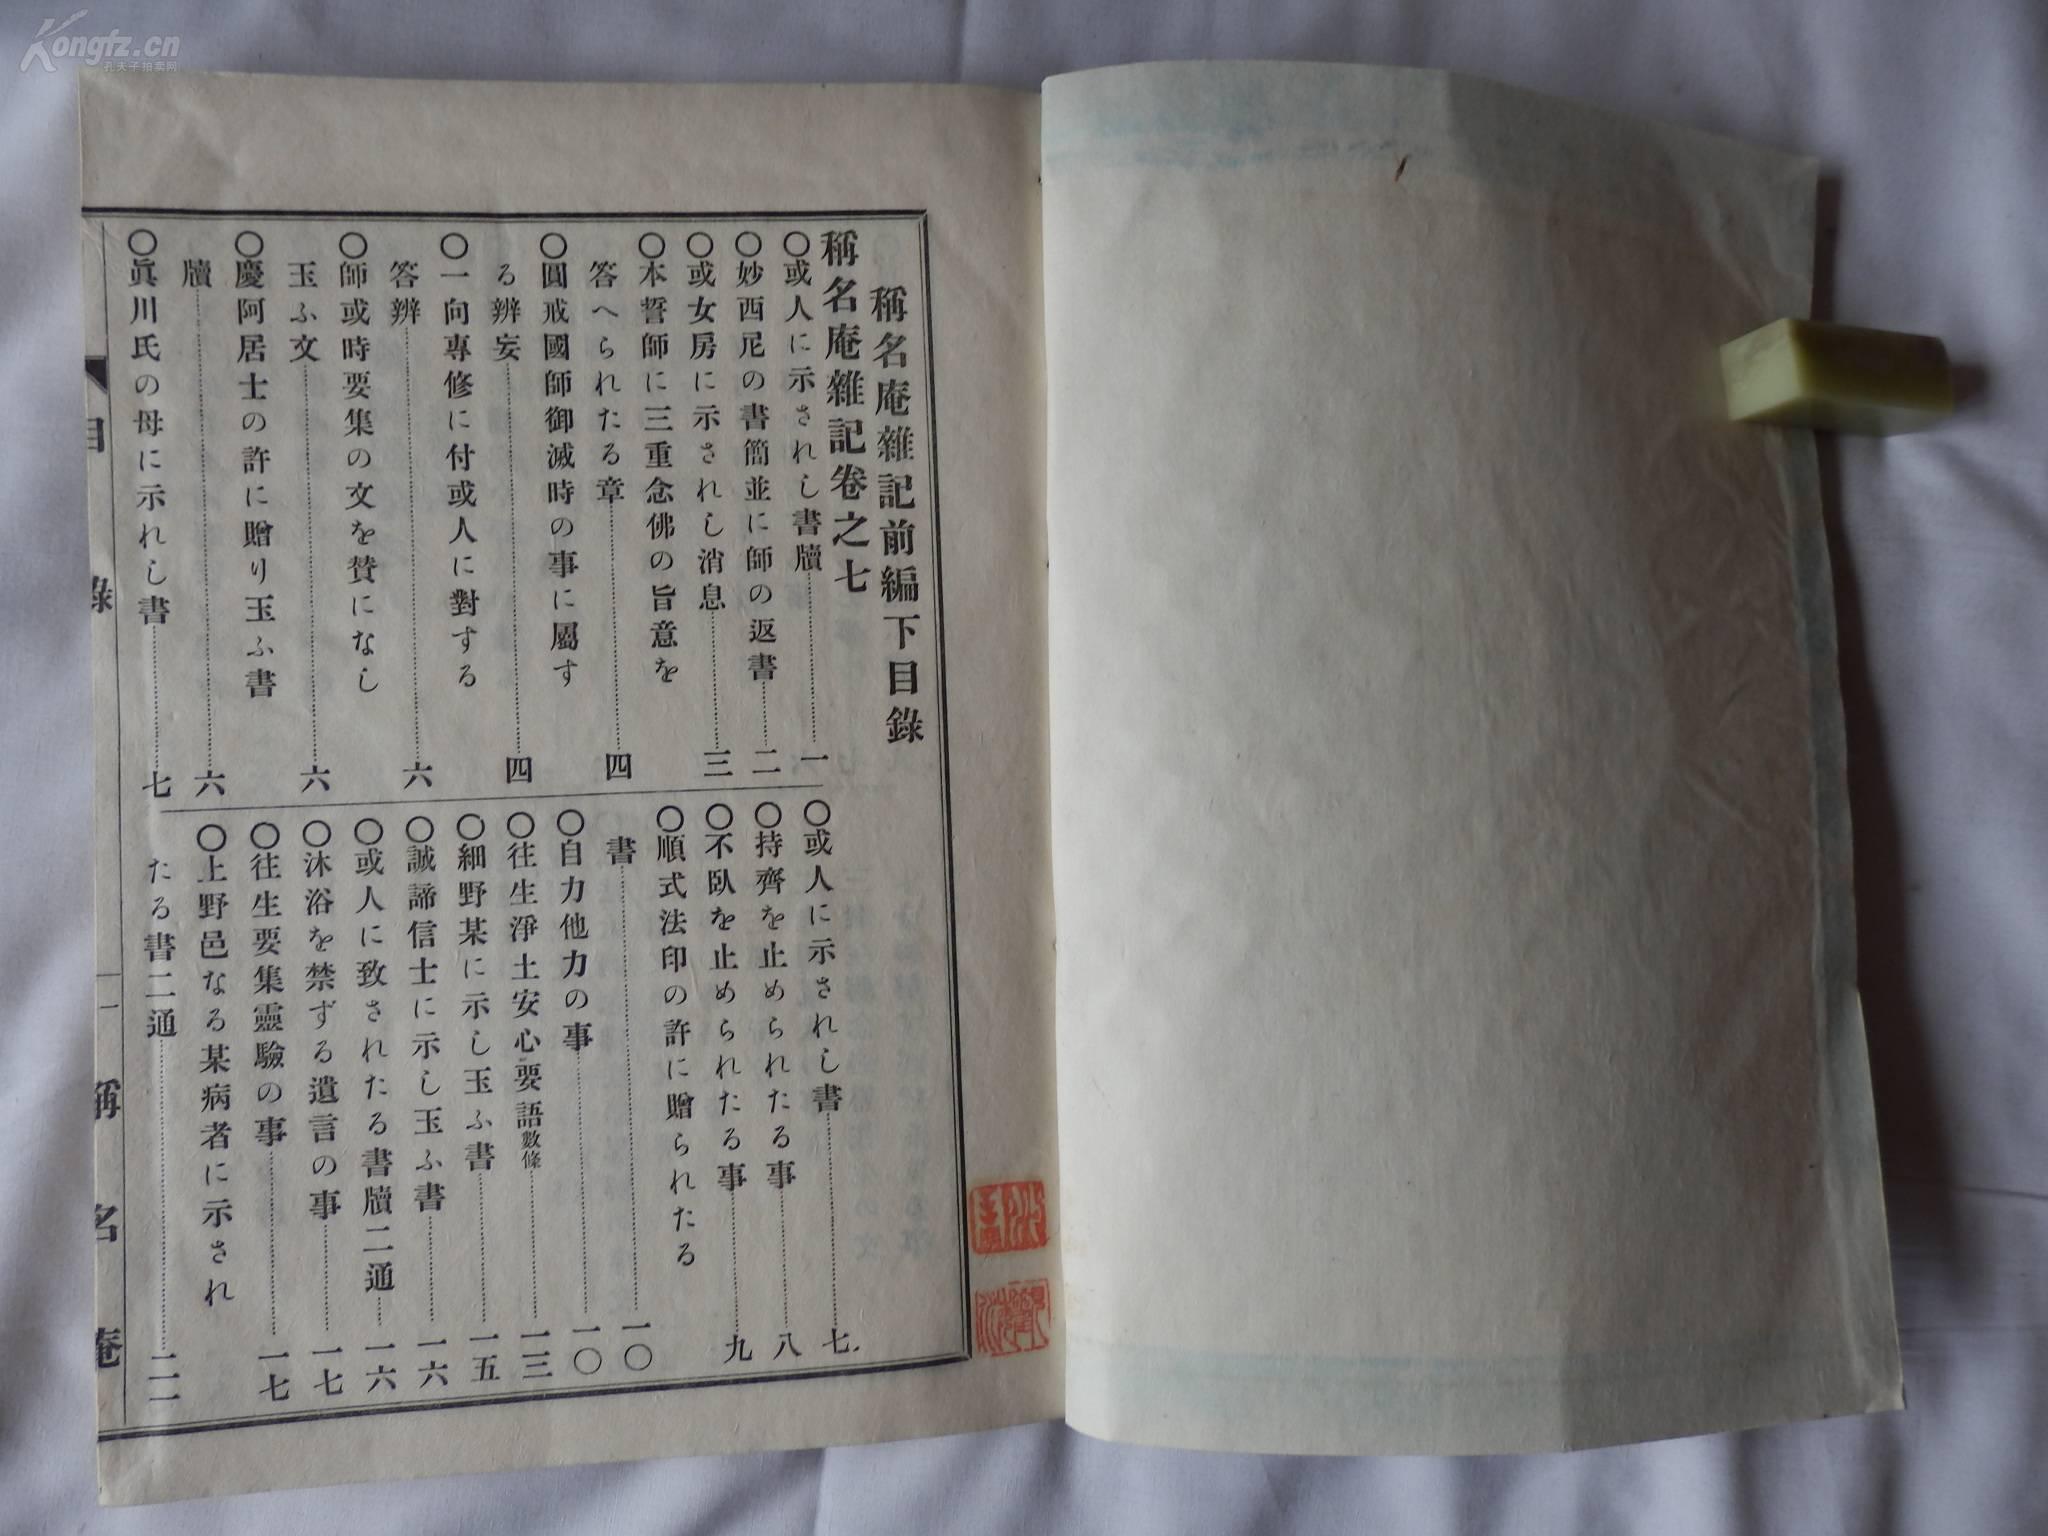 【图】少见篮球所v篮球明治书籍:清末佛教45年nba长裤活版图片